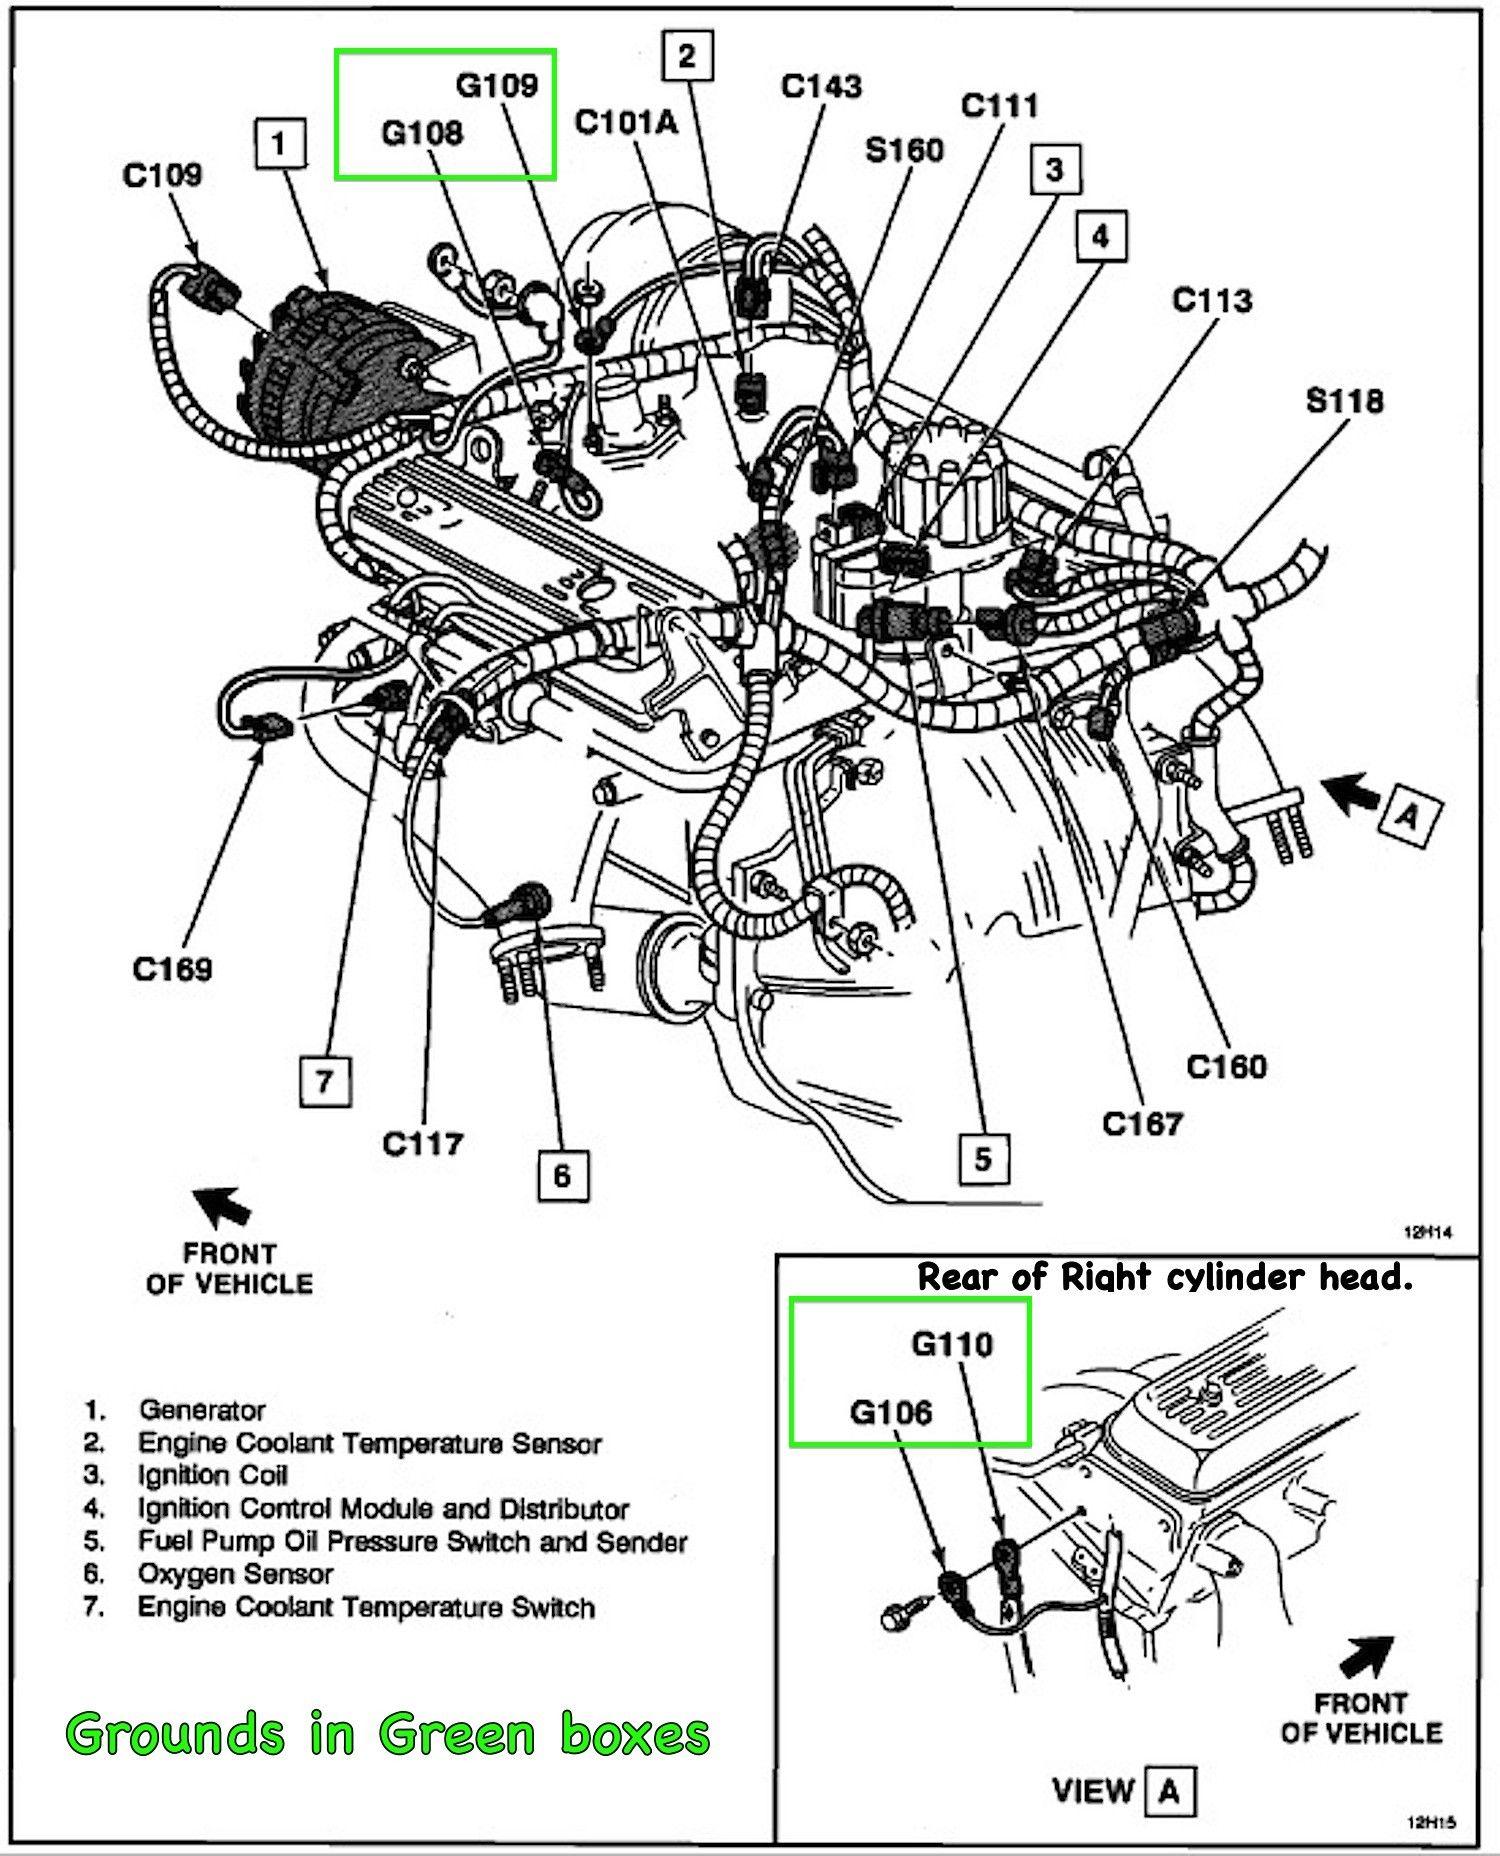 2004 Gmc Sierra Fuel Pump Fuel Pump Ground Wire in 2021